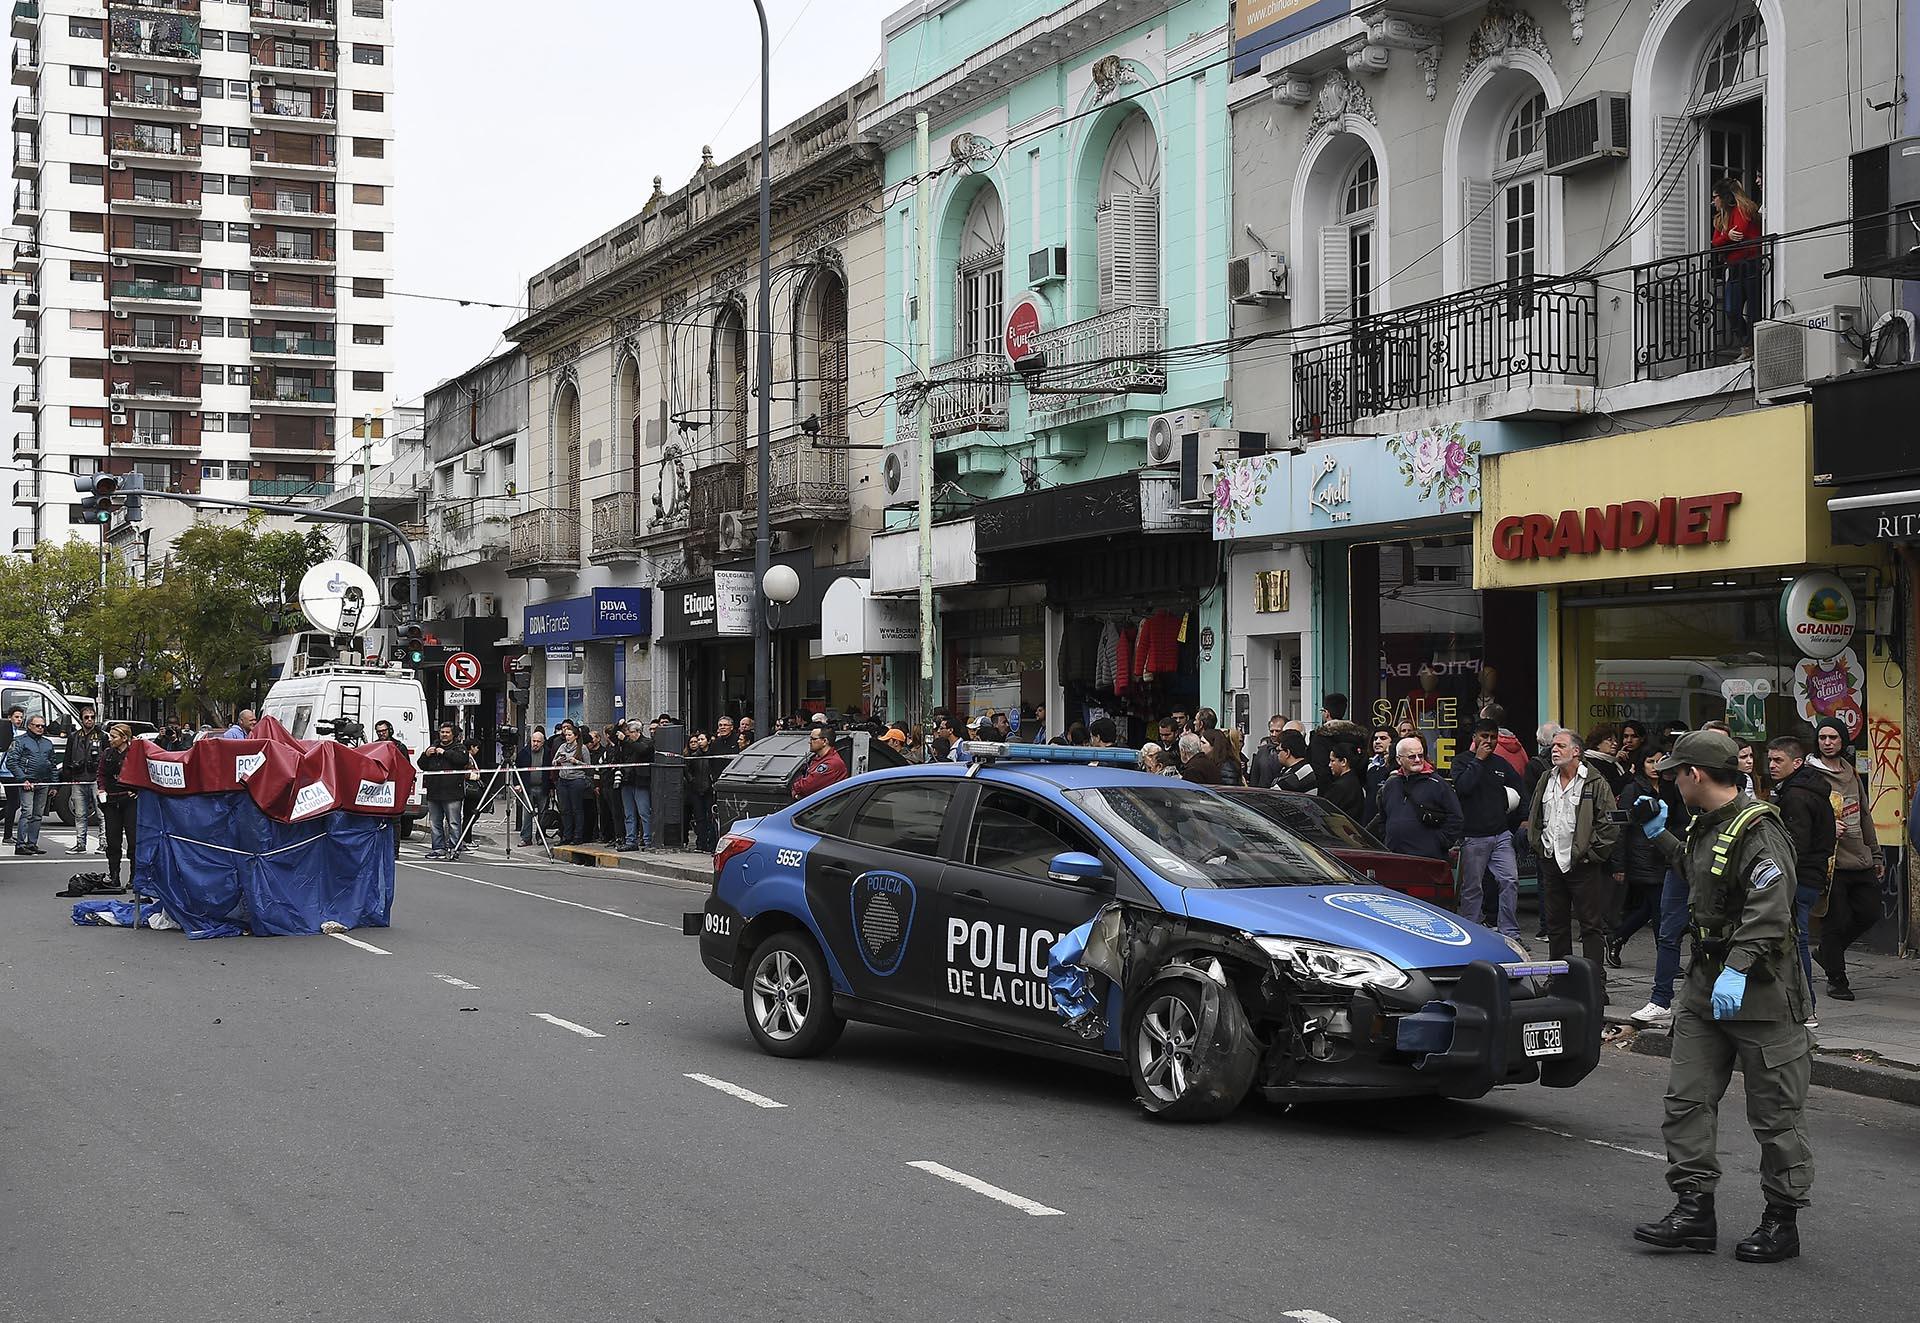 Una mujer de 62 años murió esta mañana al ser atropellada por un móvil de la comisaría 31 de la Policía de la Ciudad que acudía a un llamado del 911, en la esquina de la avenida Federico Lacroze y Zapata, en el barrio porteño de Belgrano, informaron fuentes policiales